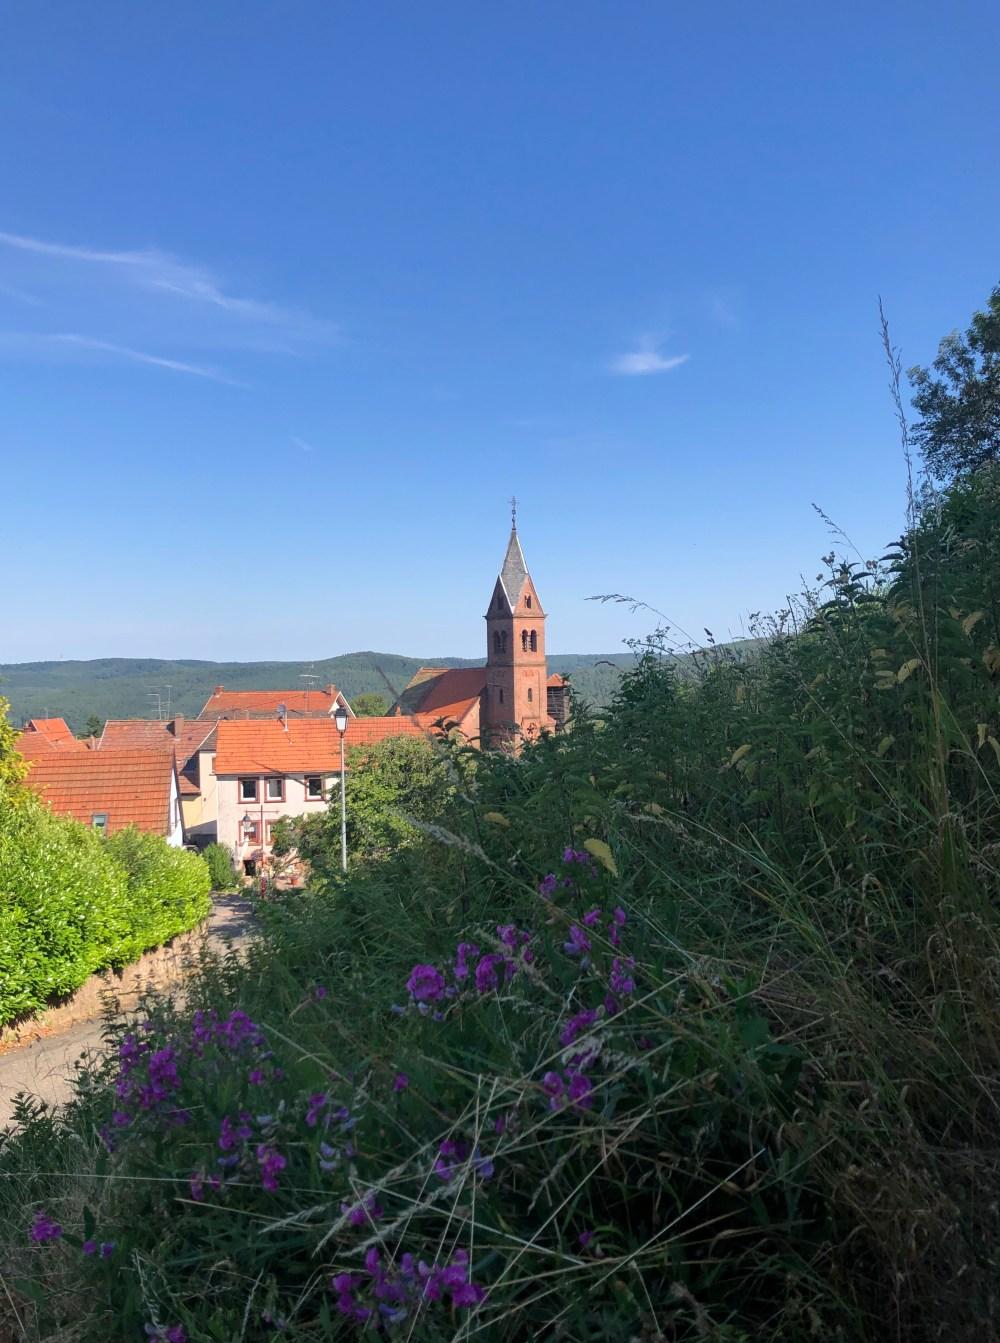 Kirche im Dorf von Lichtenberg